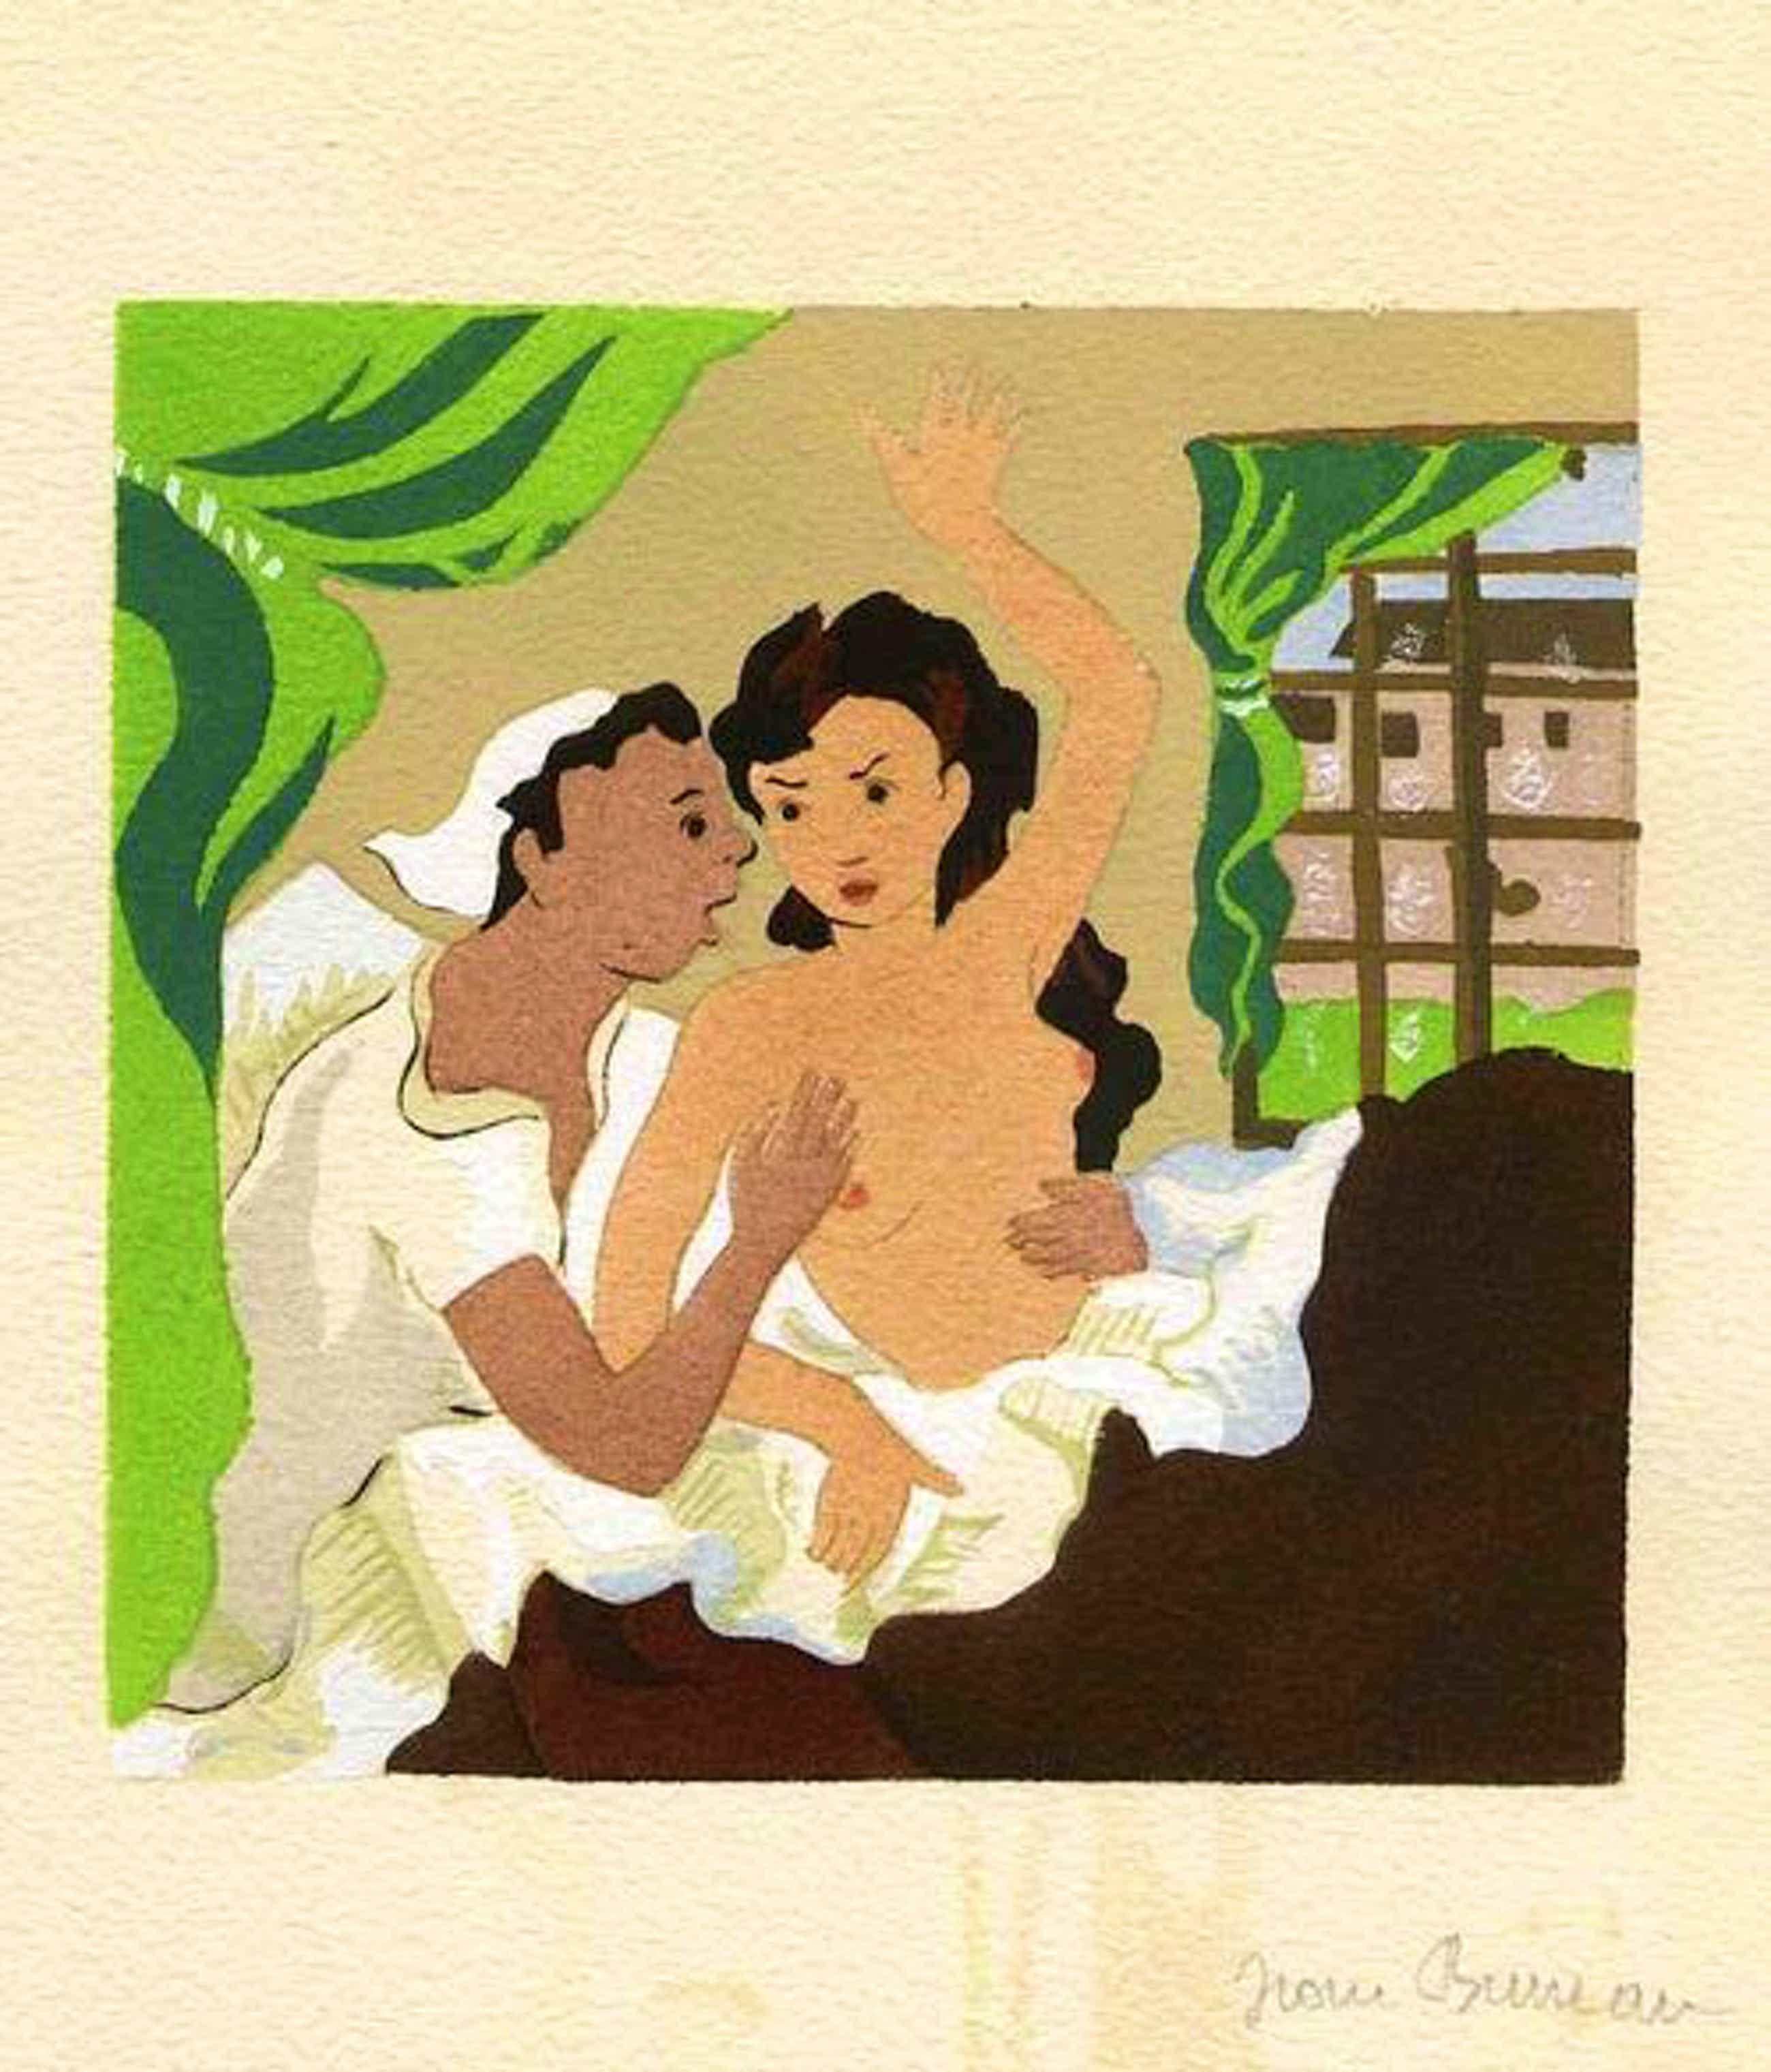 Jean Bruneau - ABENTEUR GEDÄCHTNIS - 1947 - Handsignierte Tuschezeichnung zu VOLTAIREs PHILOSOPHISCHE ERZÄHLUNGEN kopen? Bied vanaf 120!